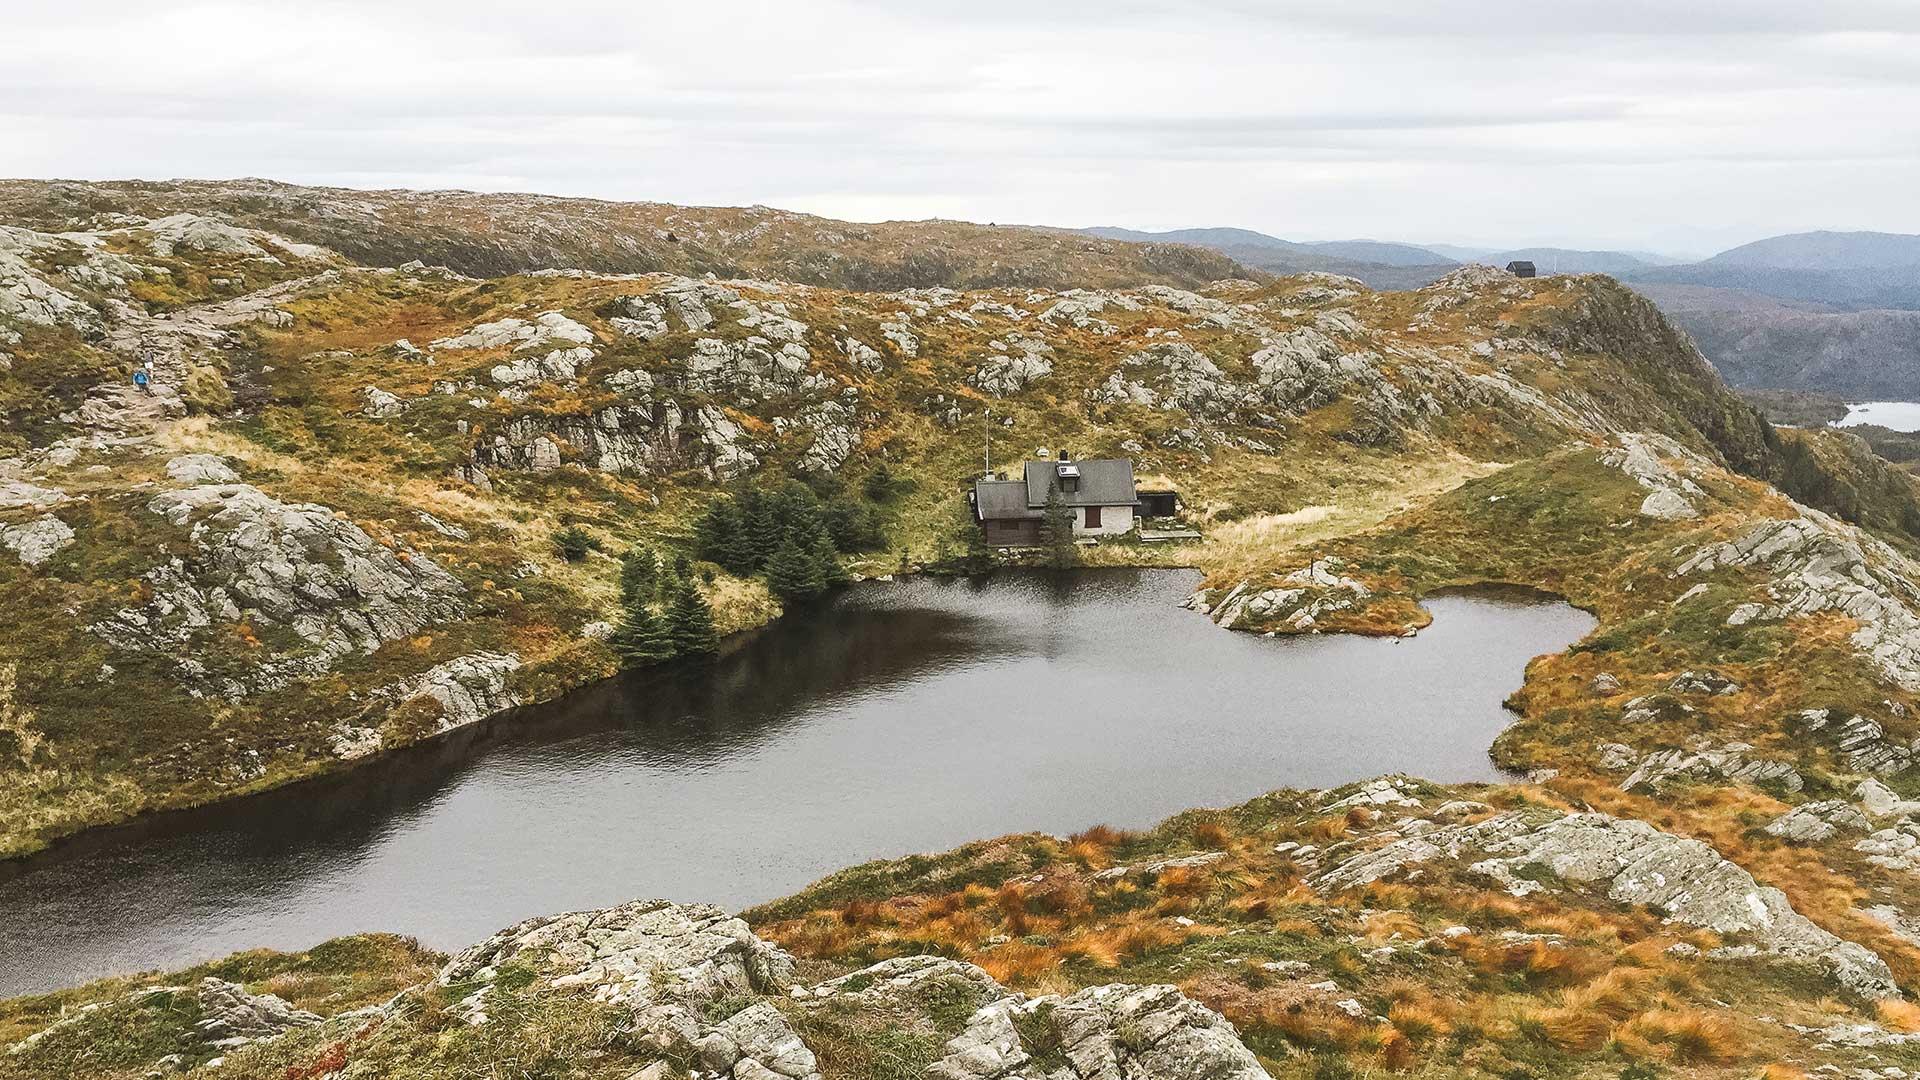 Noorwegen Mount Ulriken